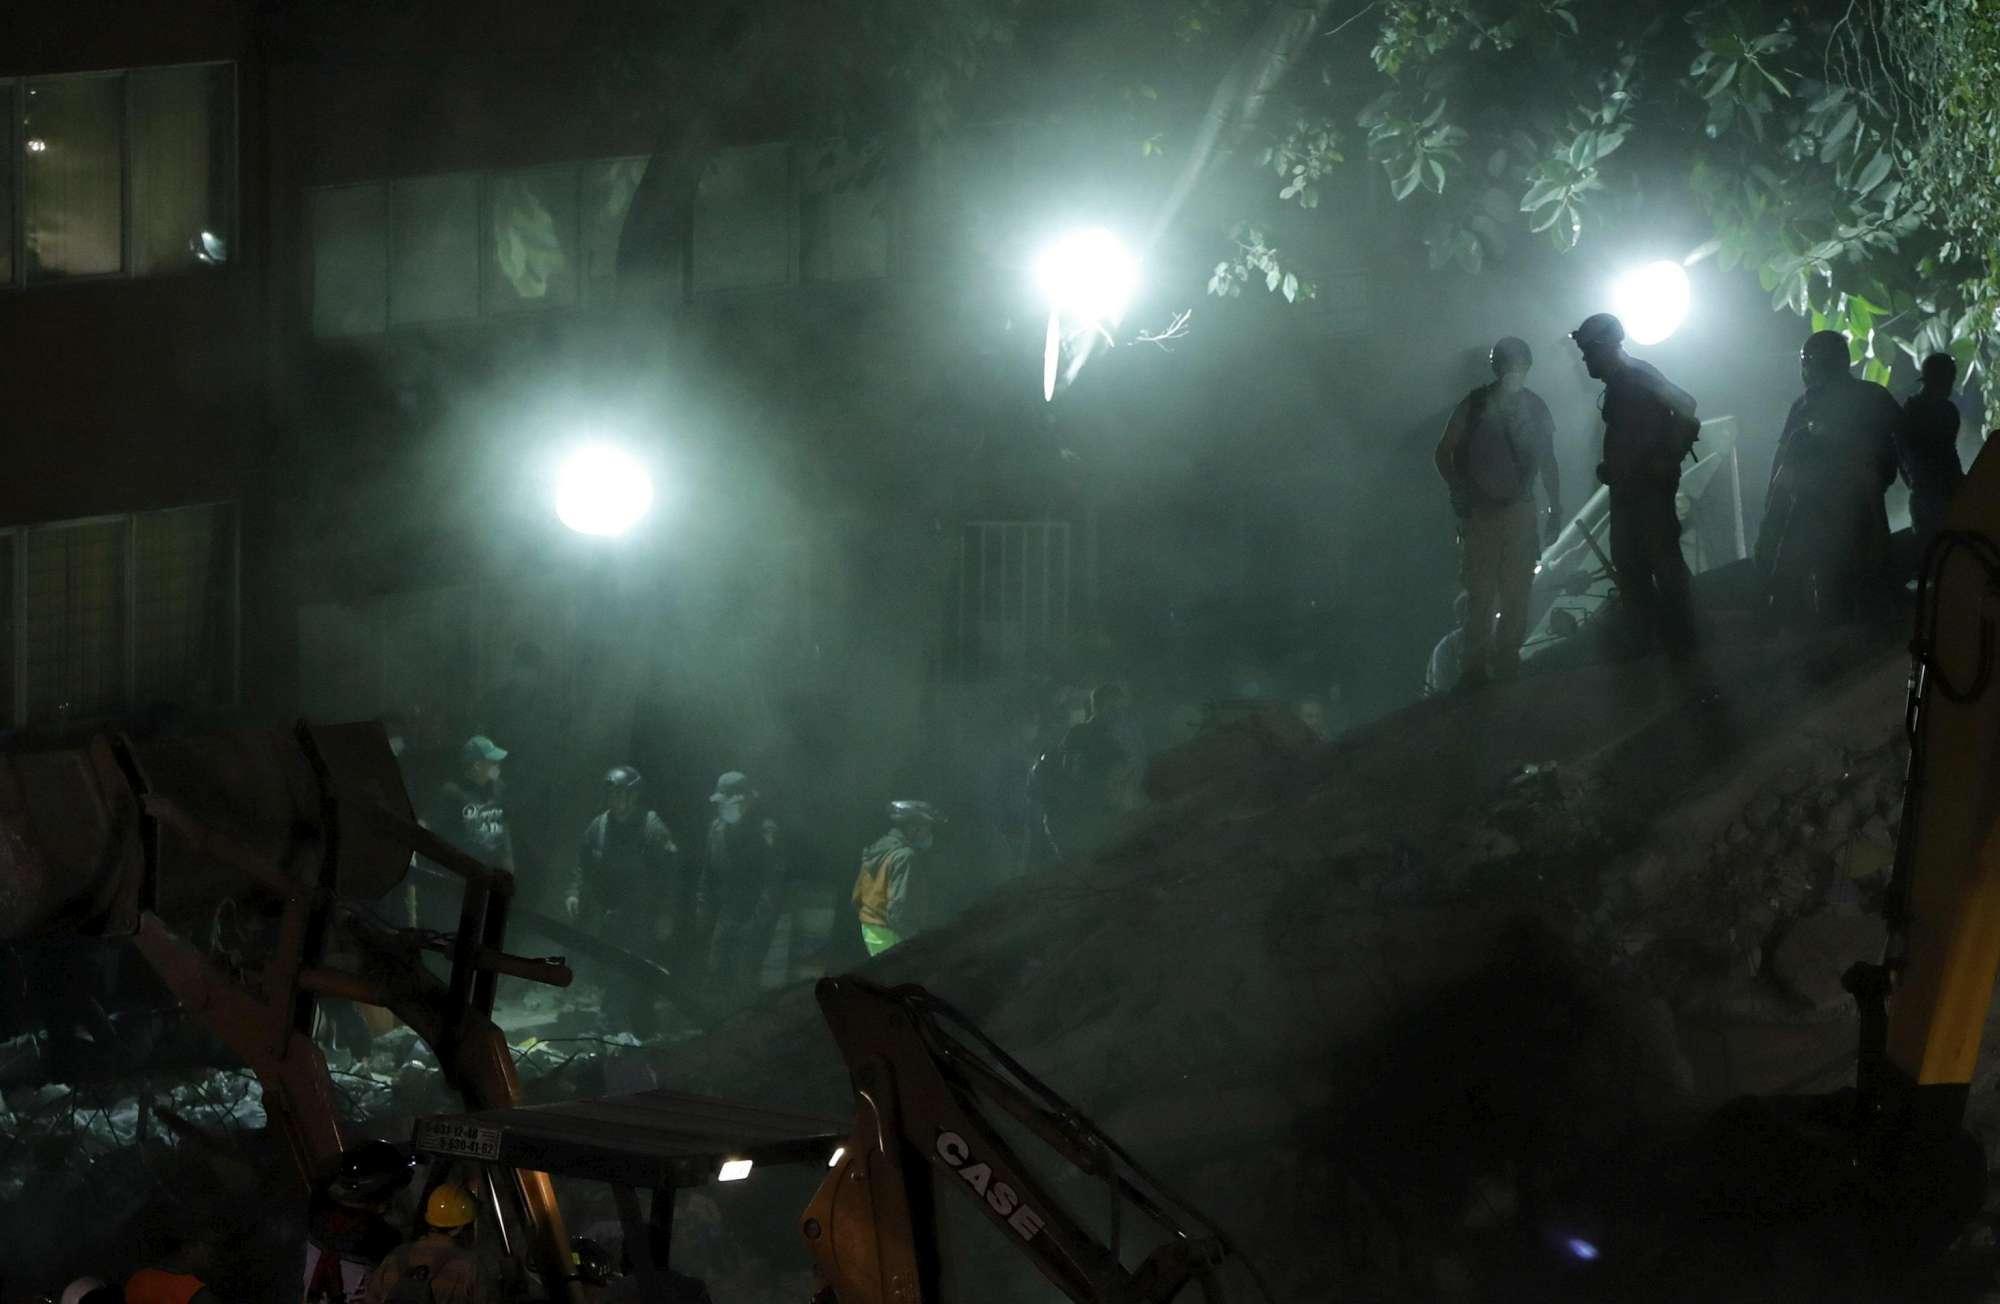 Terremoto in Messico, palazzi sgretolati: si scava tra le macerie